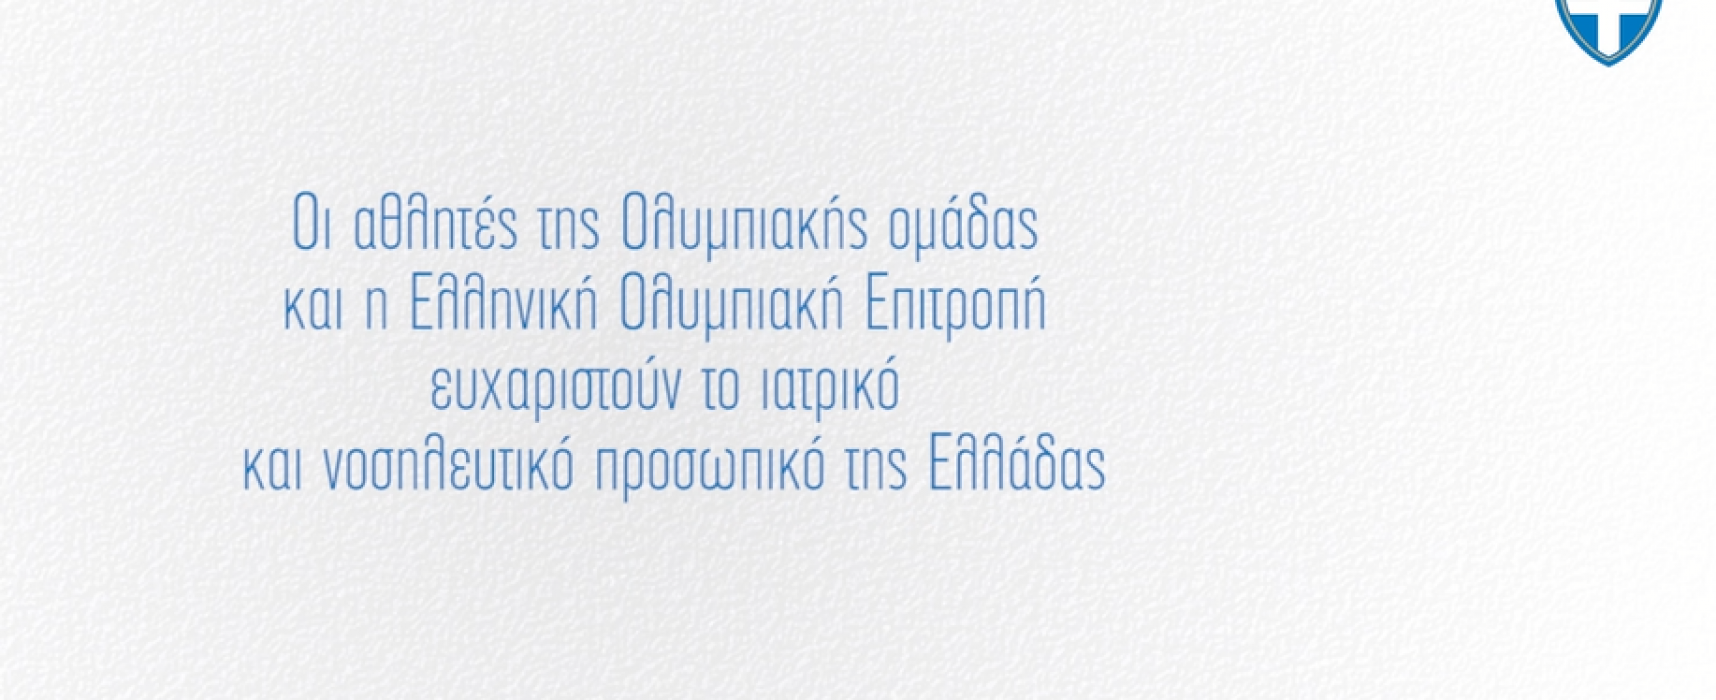 Το video – μήνυμα της Ολυμπιακής ομάδας: «Σας ευχαριστούμε»